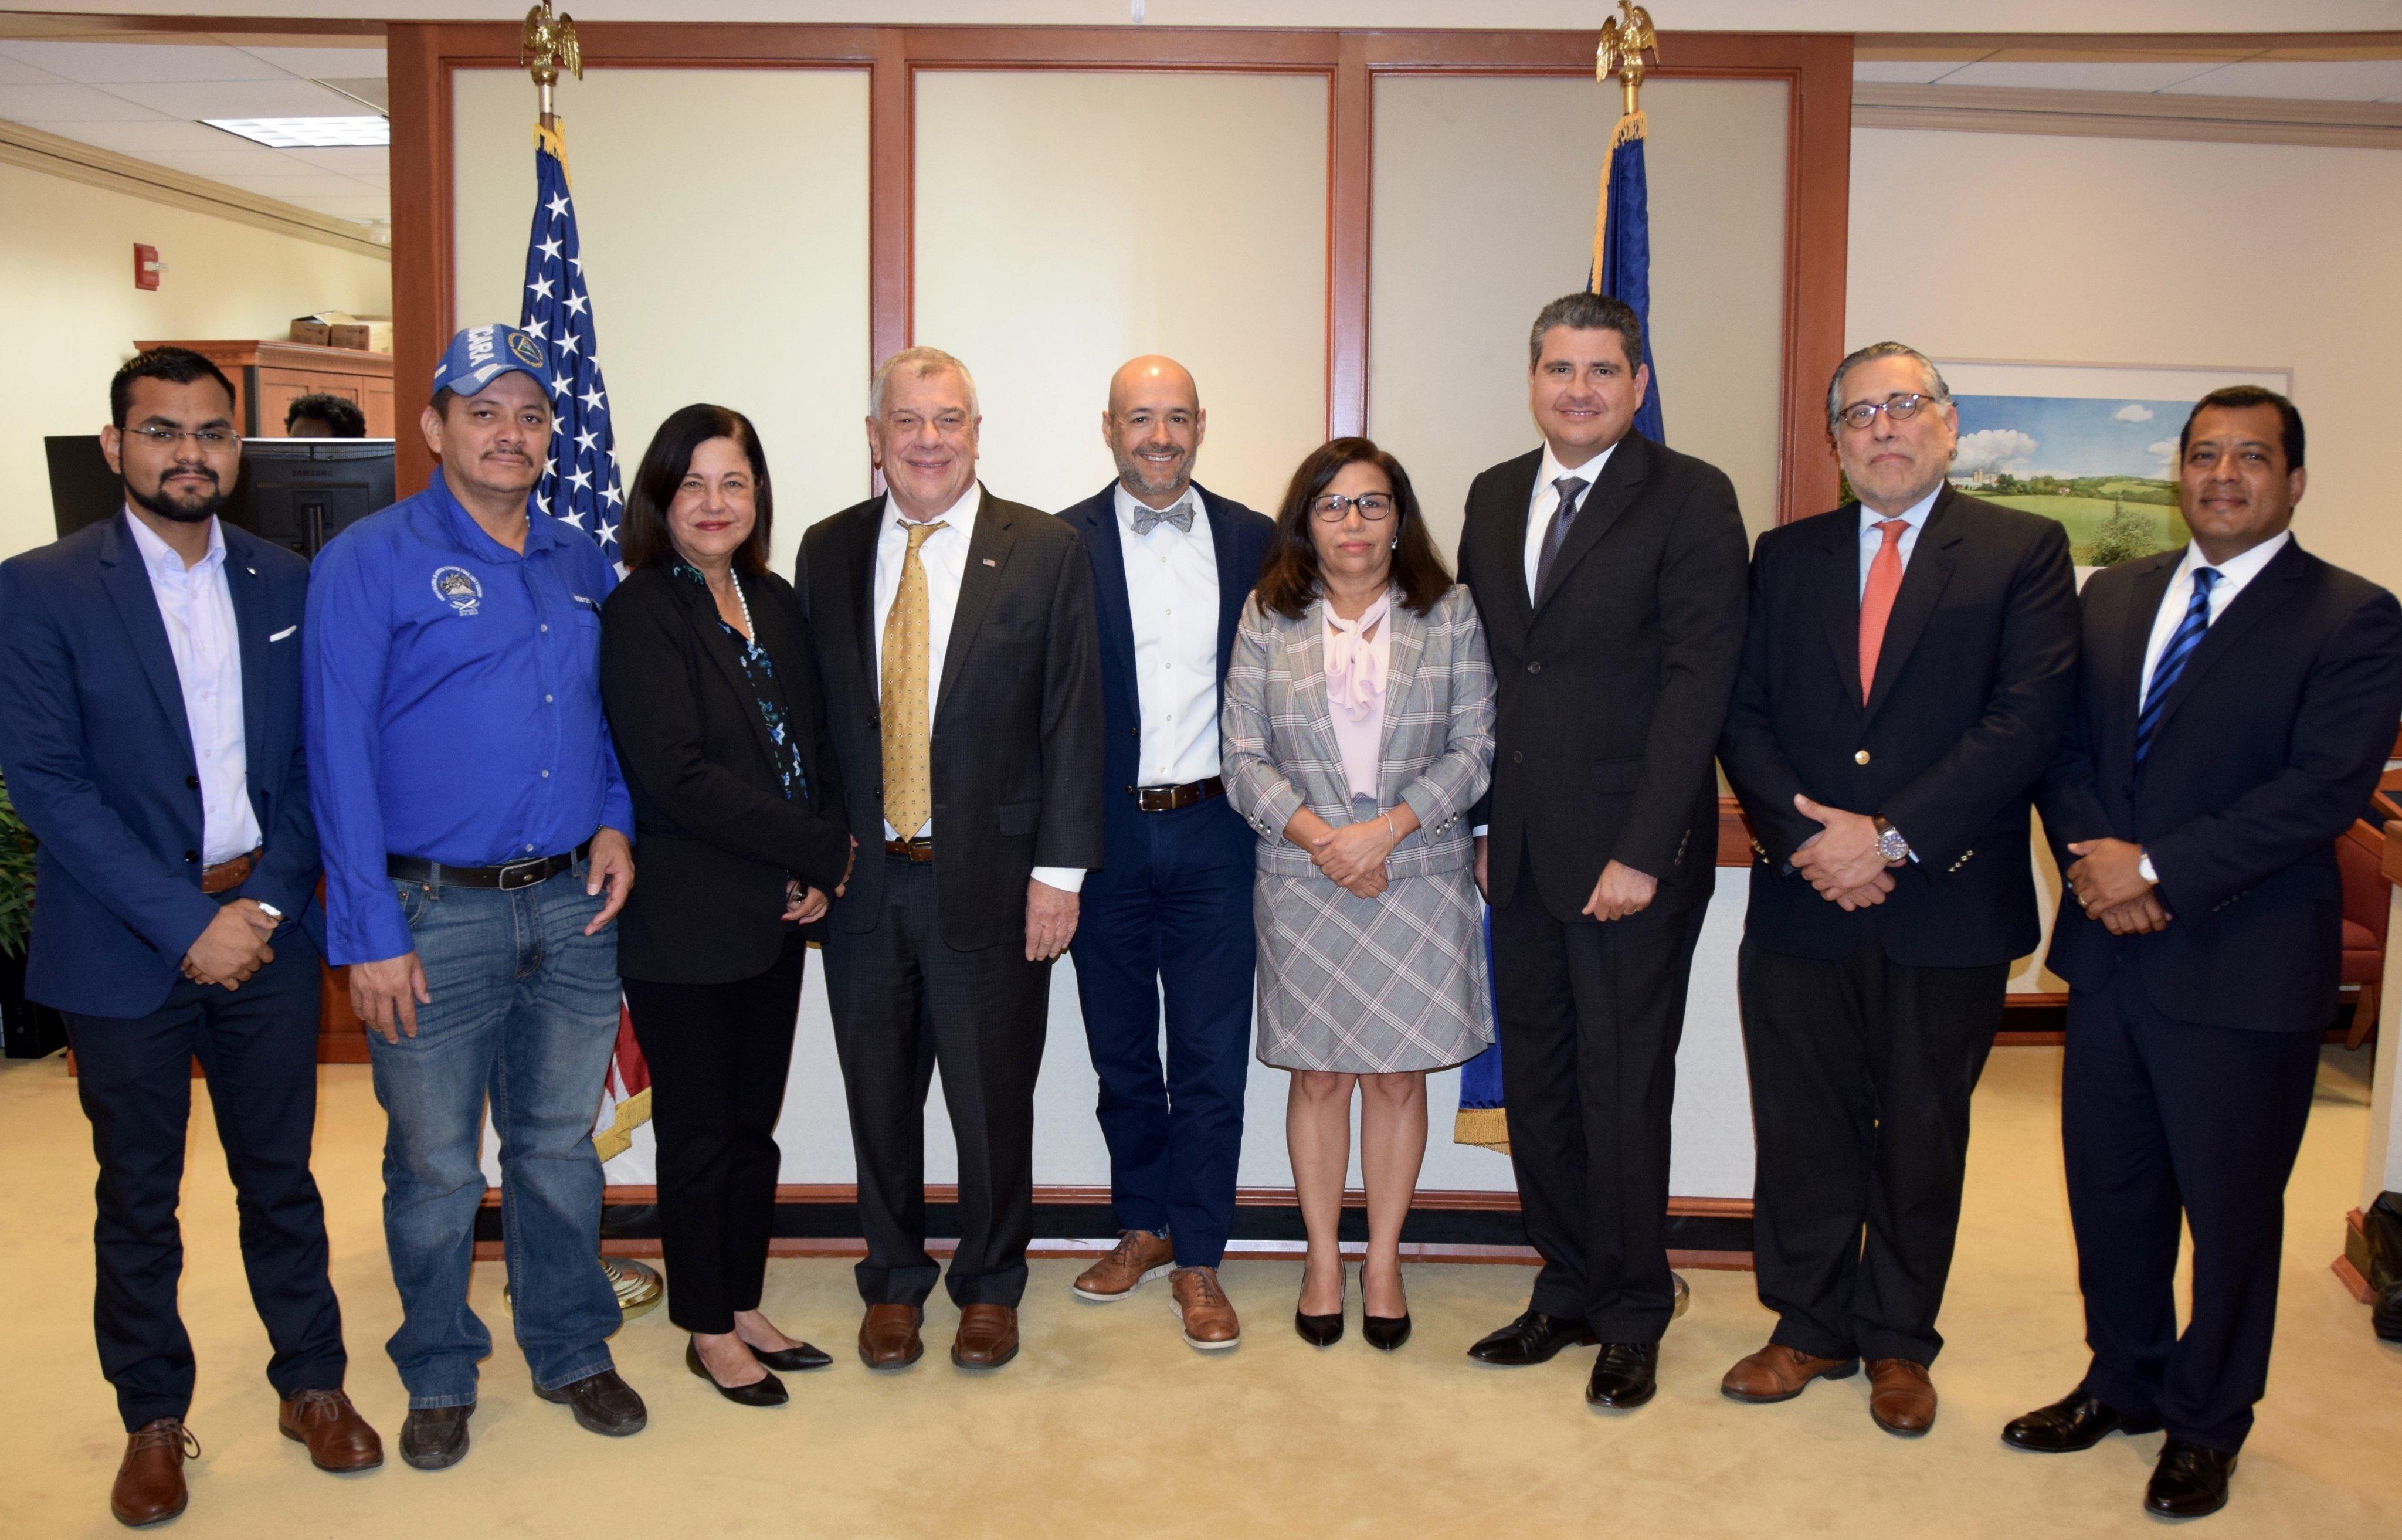 Alianza Cívica y UNAB viajan a Washington para denunciar las violaciones de derechos humanos cometidos por el régimen. Foto: Cortesía